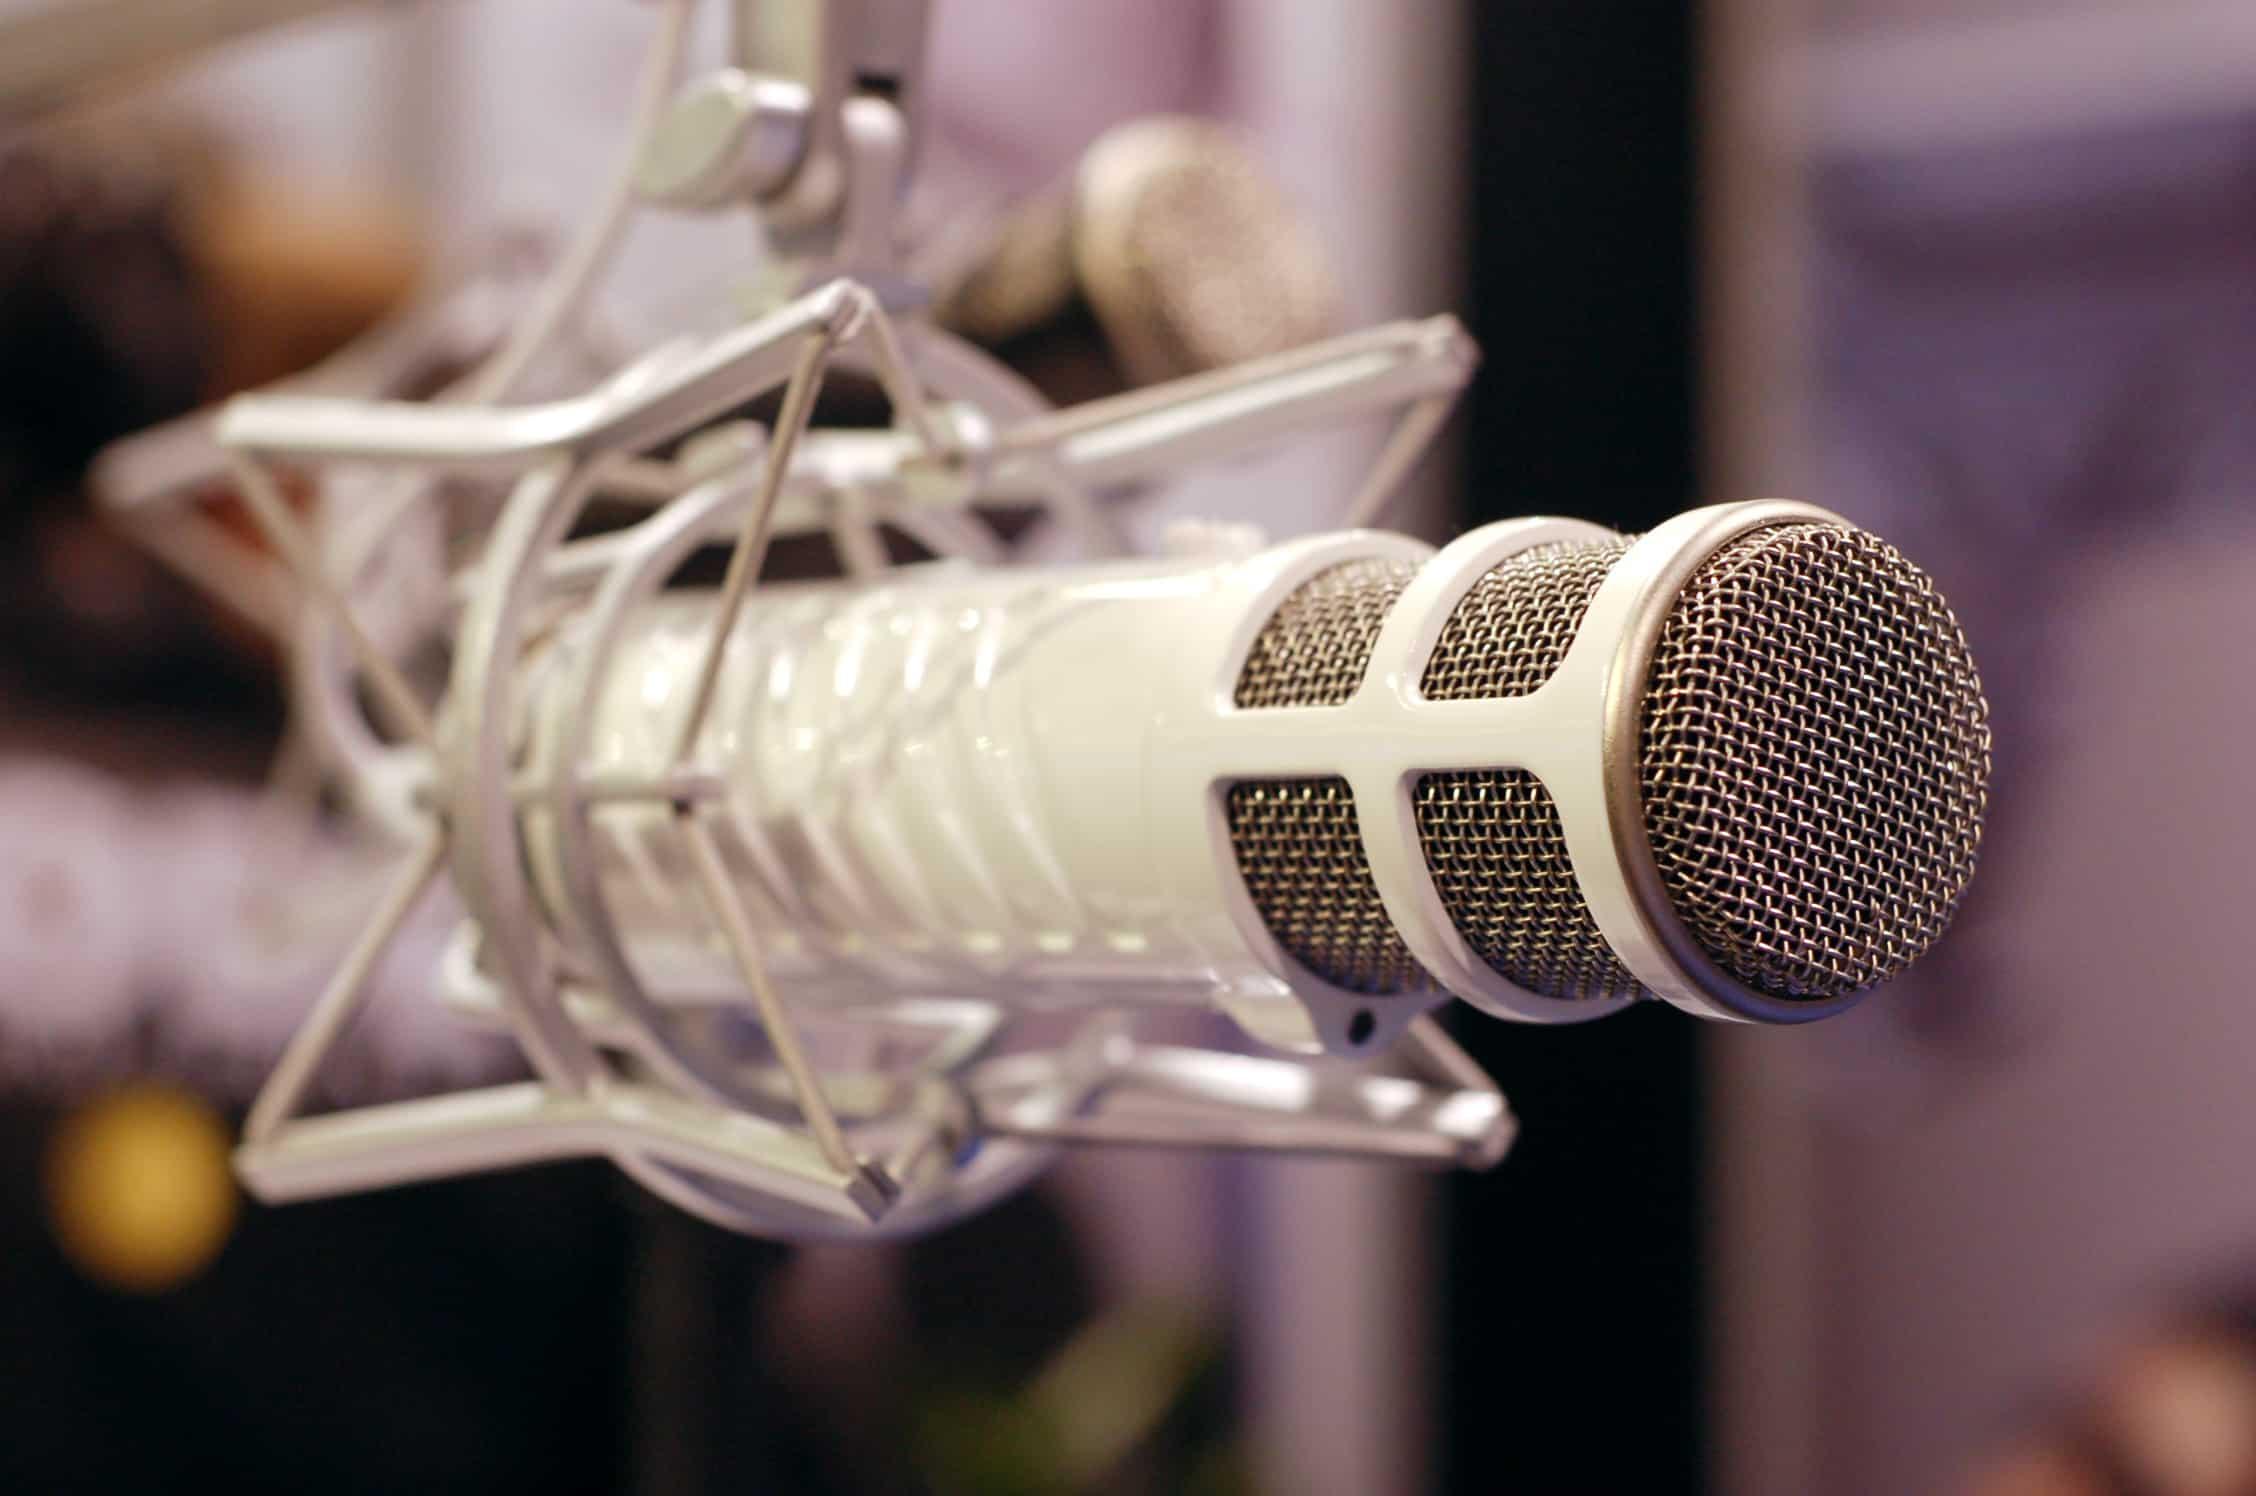 le Rode Podcaster vous offrira une qualité audio exceptionnelle.